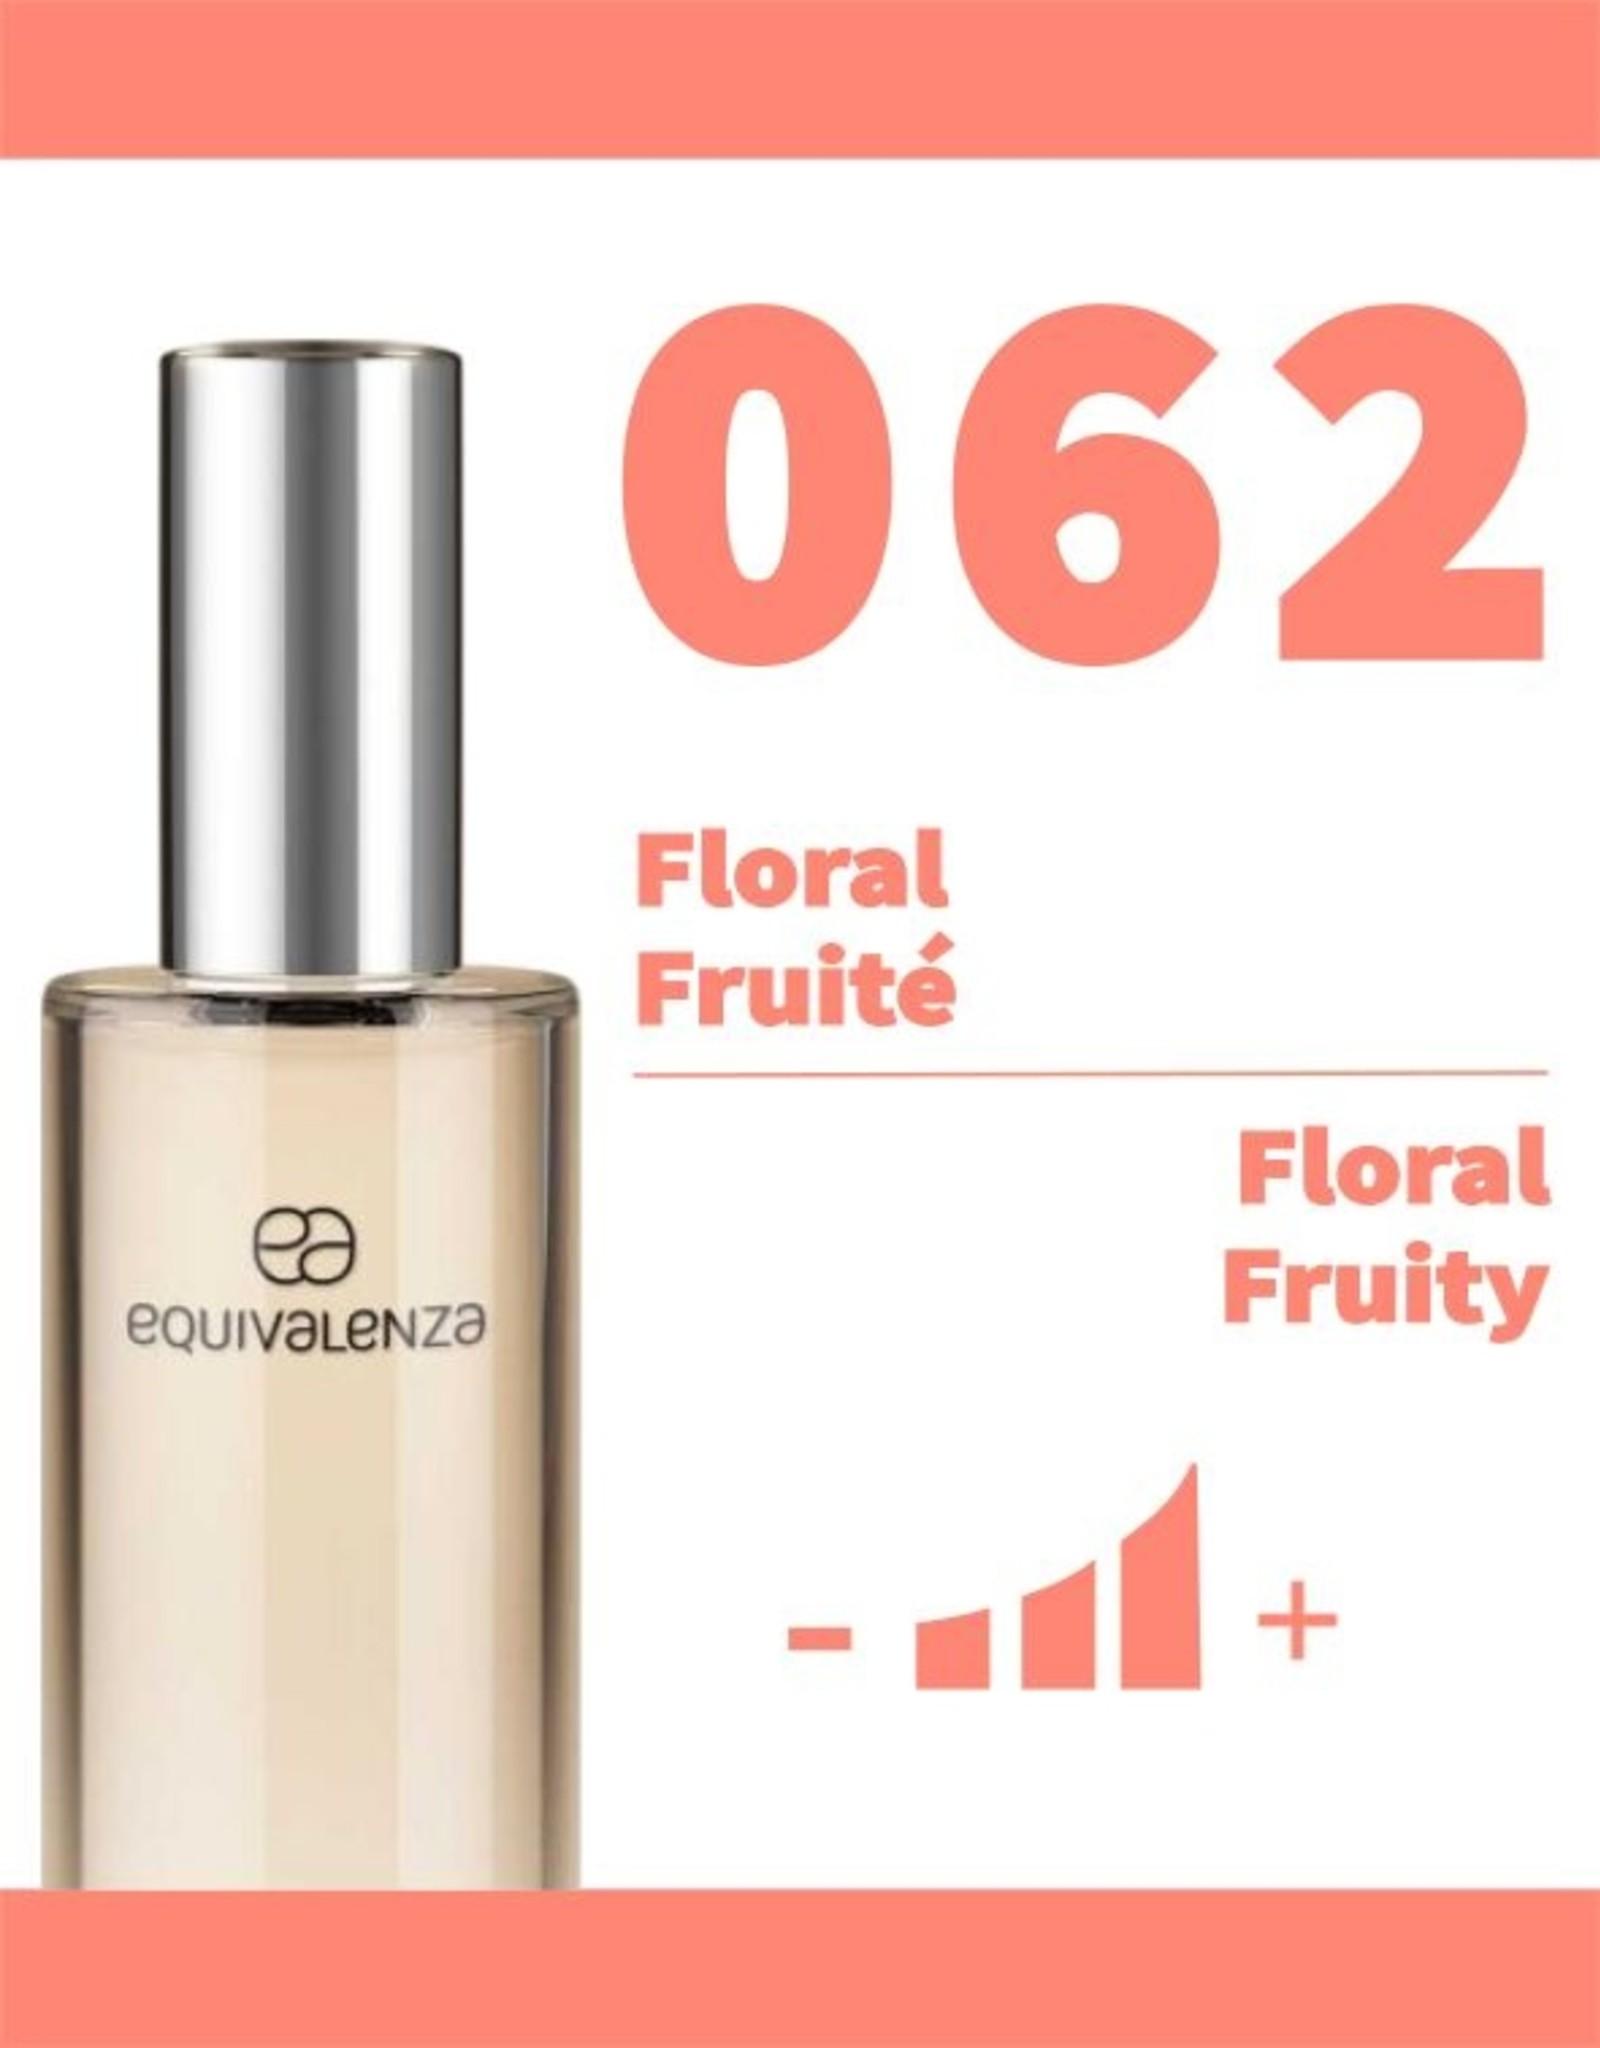 Equivalenza Floral Fruité 062